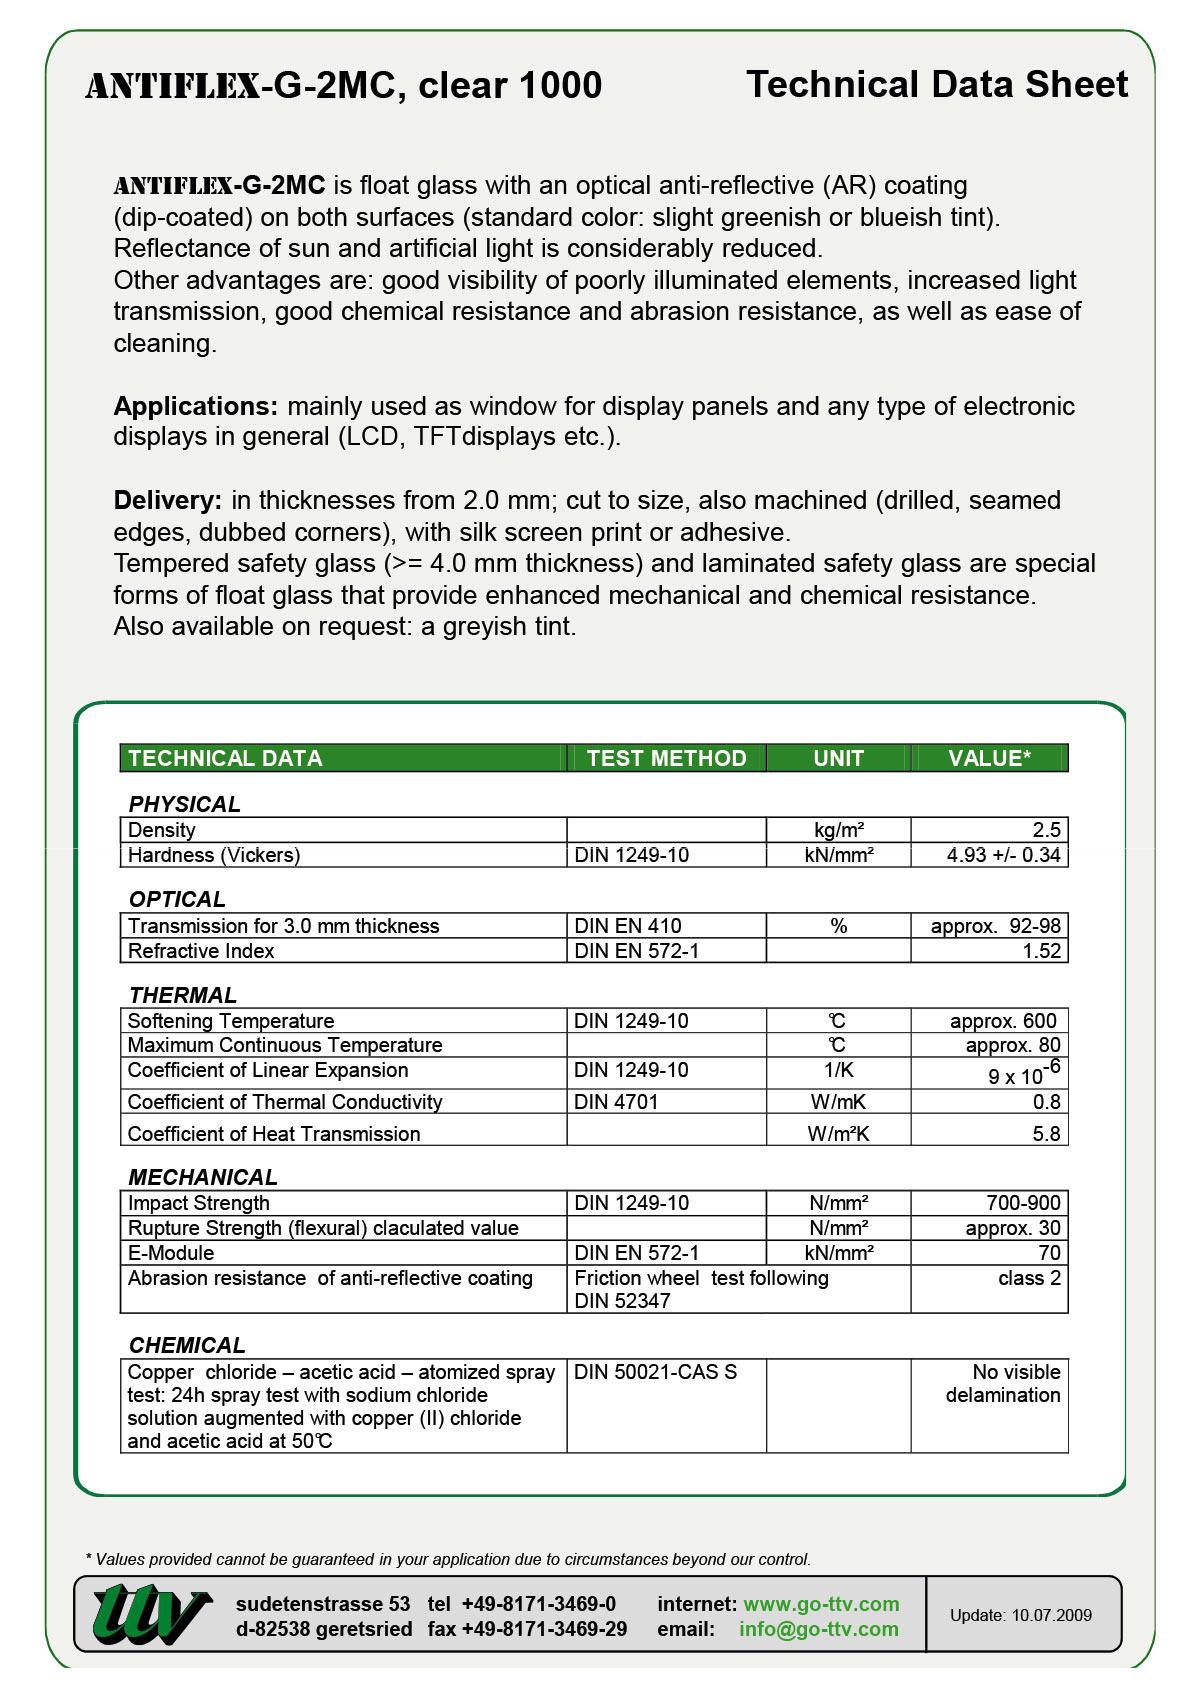 Antiflex-G-2MC Data sheet